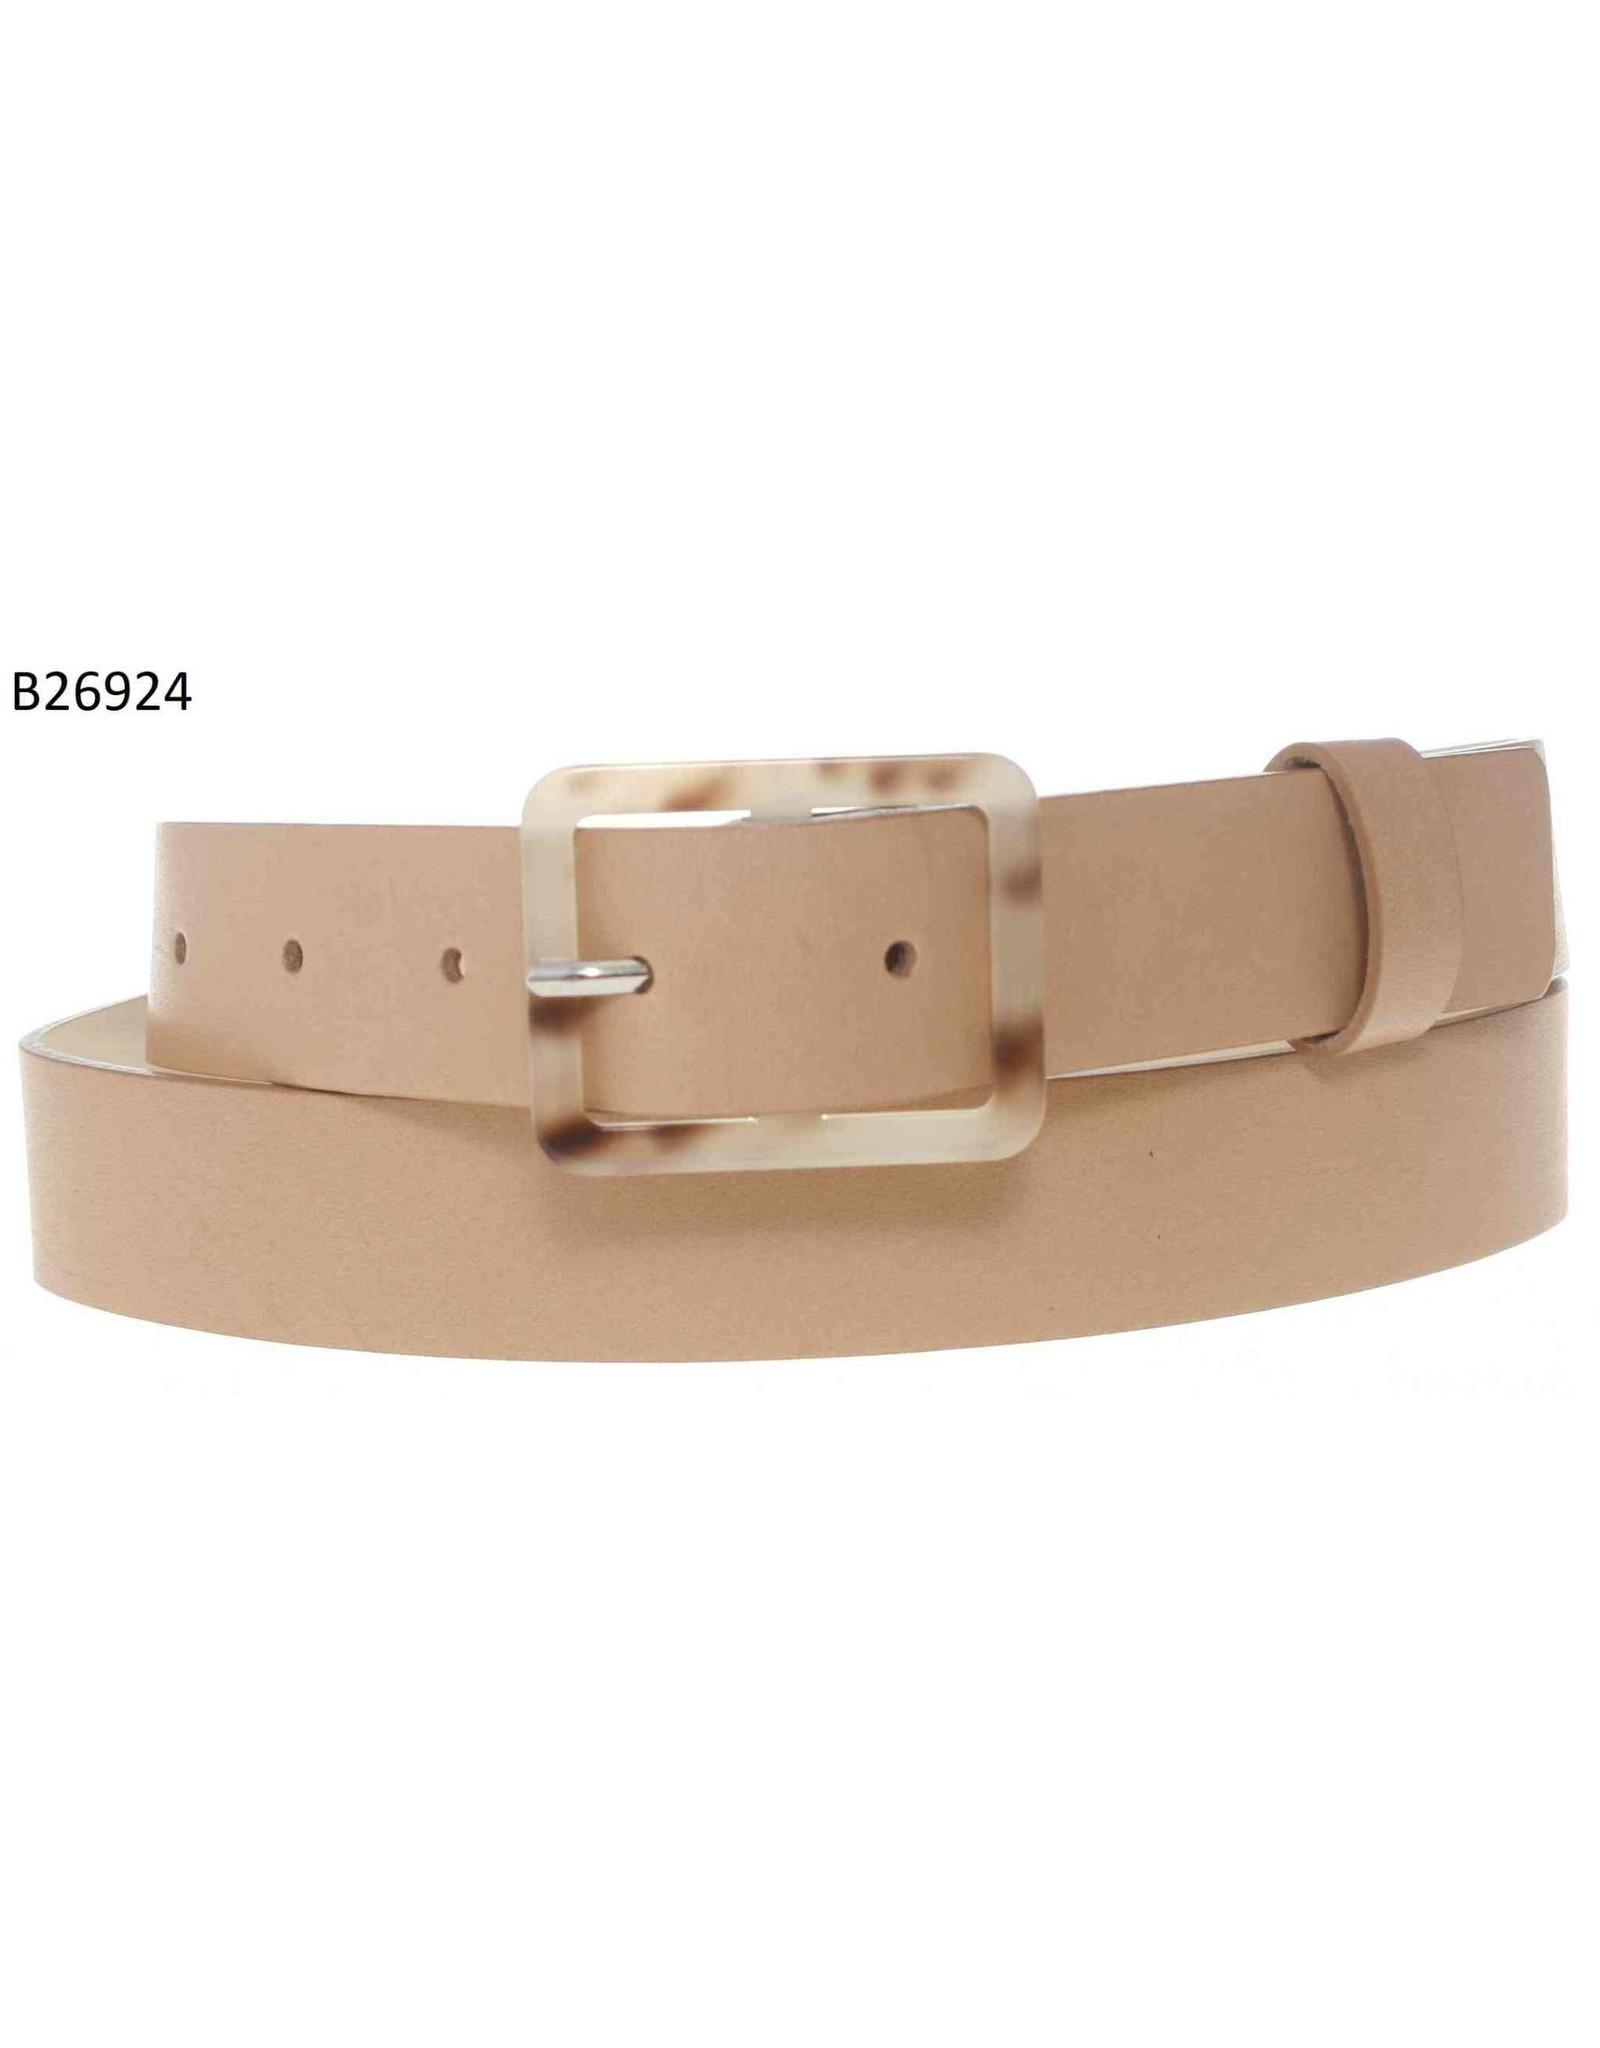 Medike Landes Medike Landes - Gigi tan leather belt